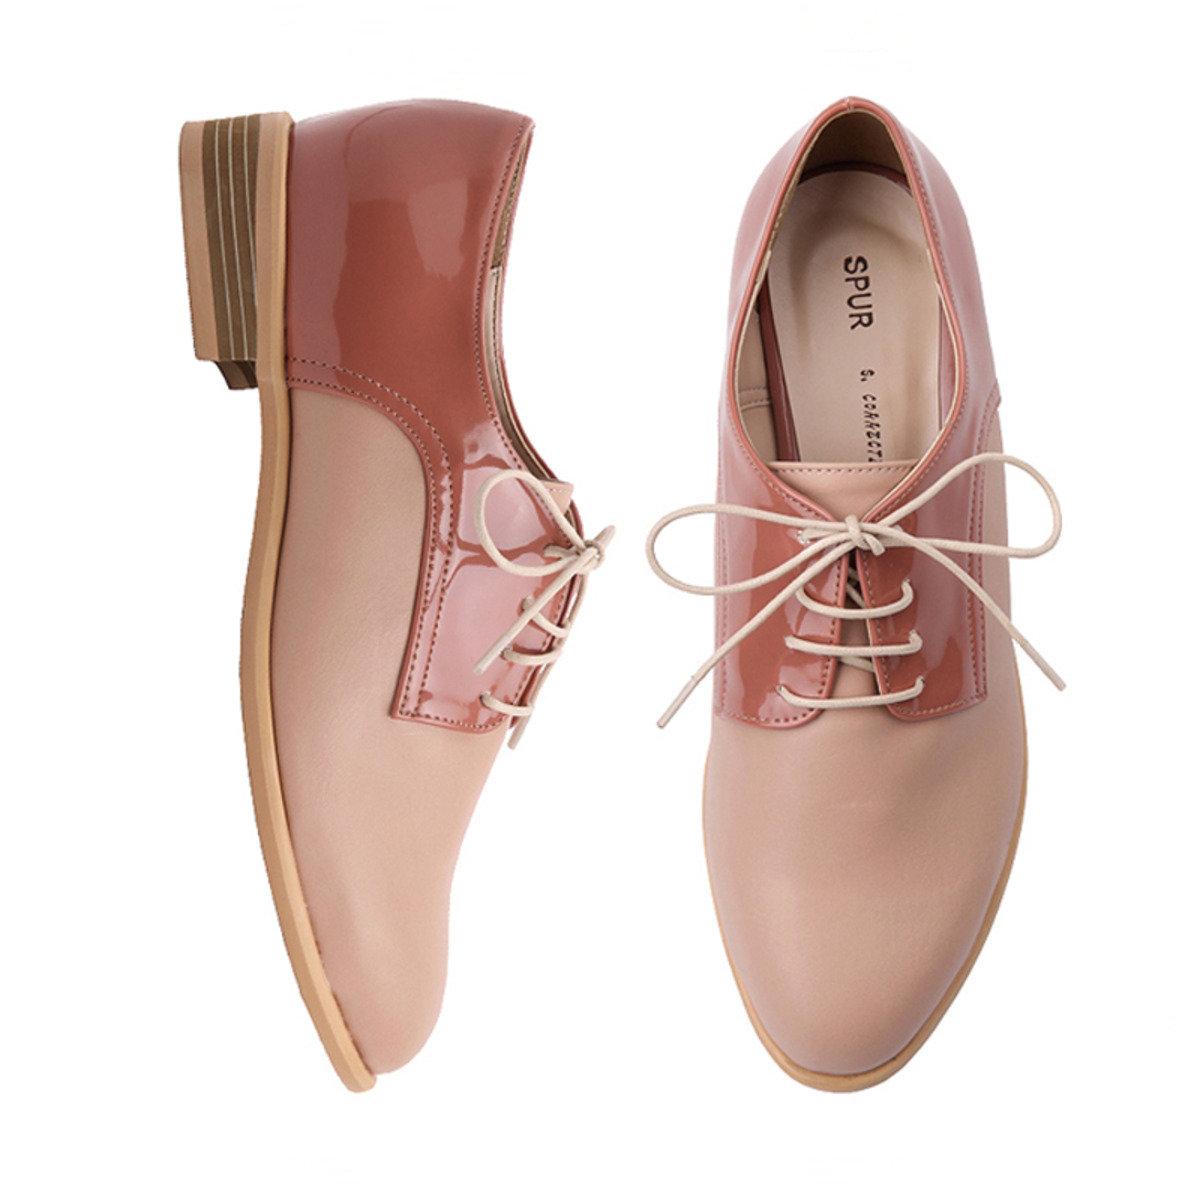 光滑拼接牛津鞋